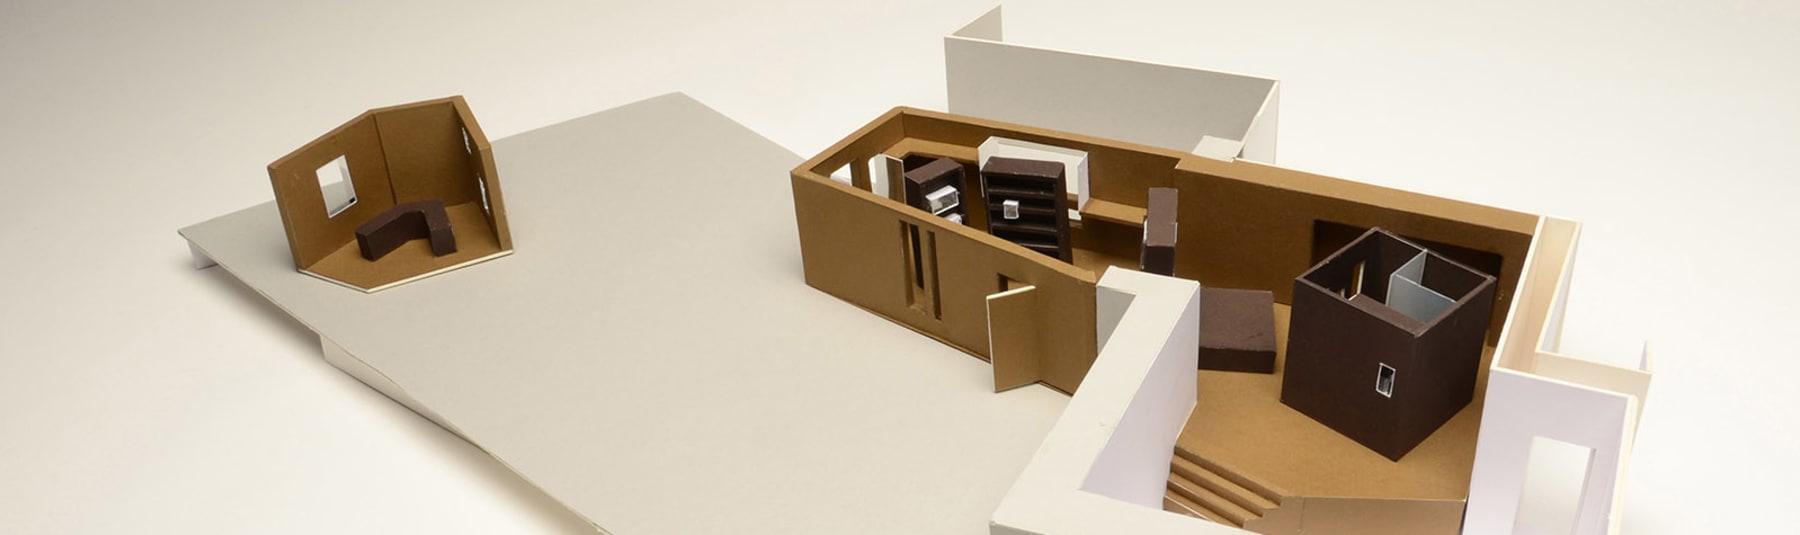 Architecture model by Victoria Lin.